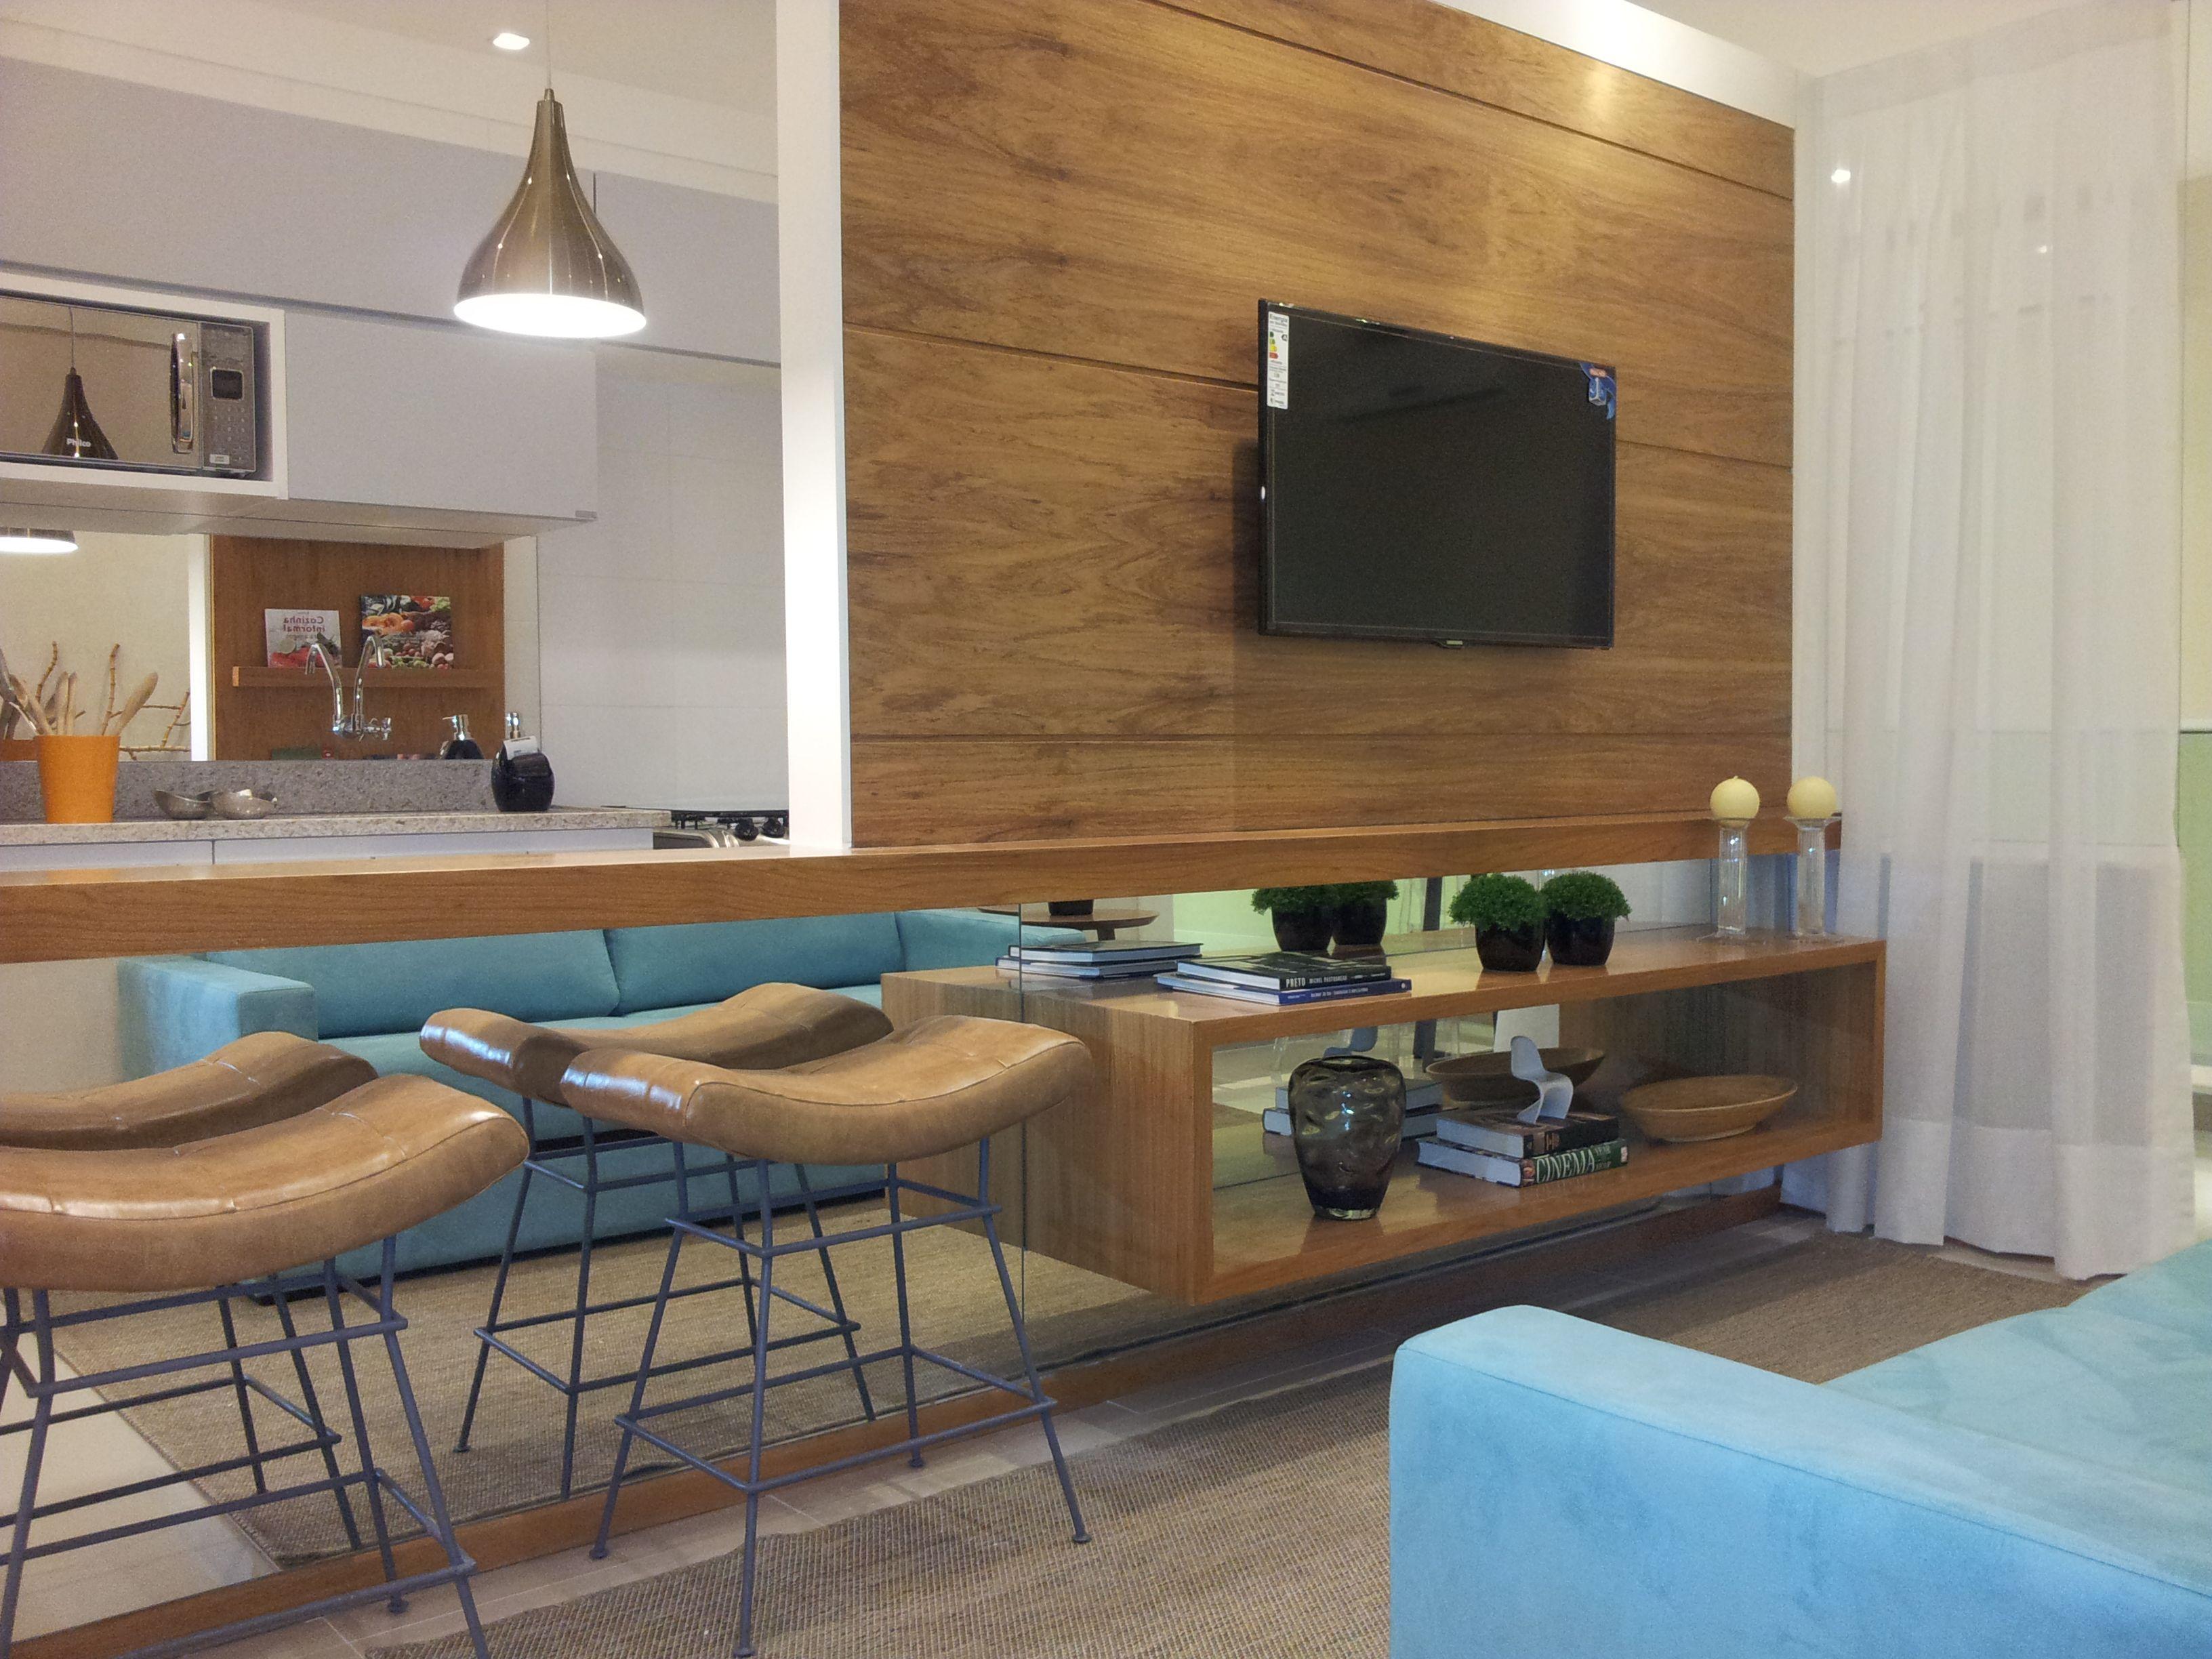 12 Ideias Incr Veis De Cozinhas Pequenas Integradas Ao Painel De Tv